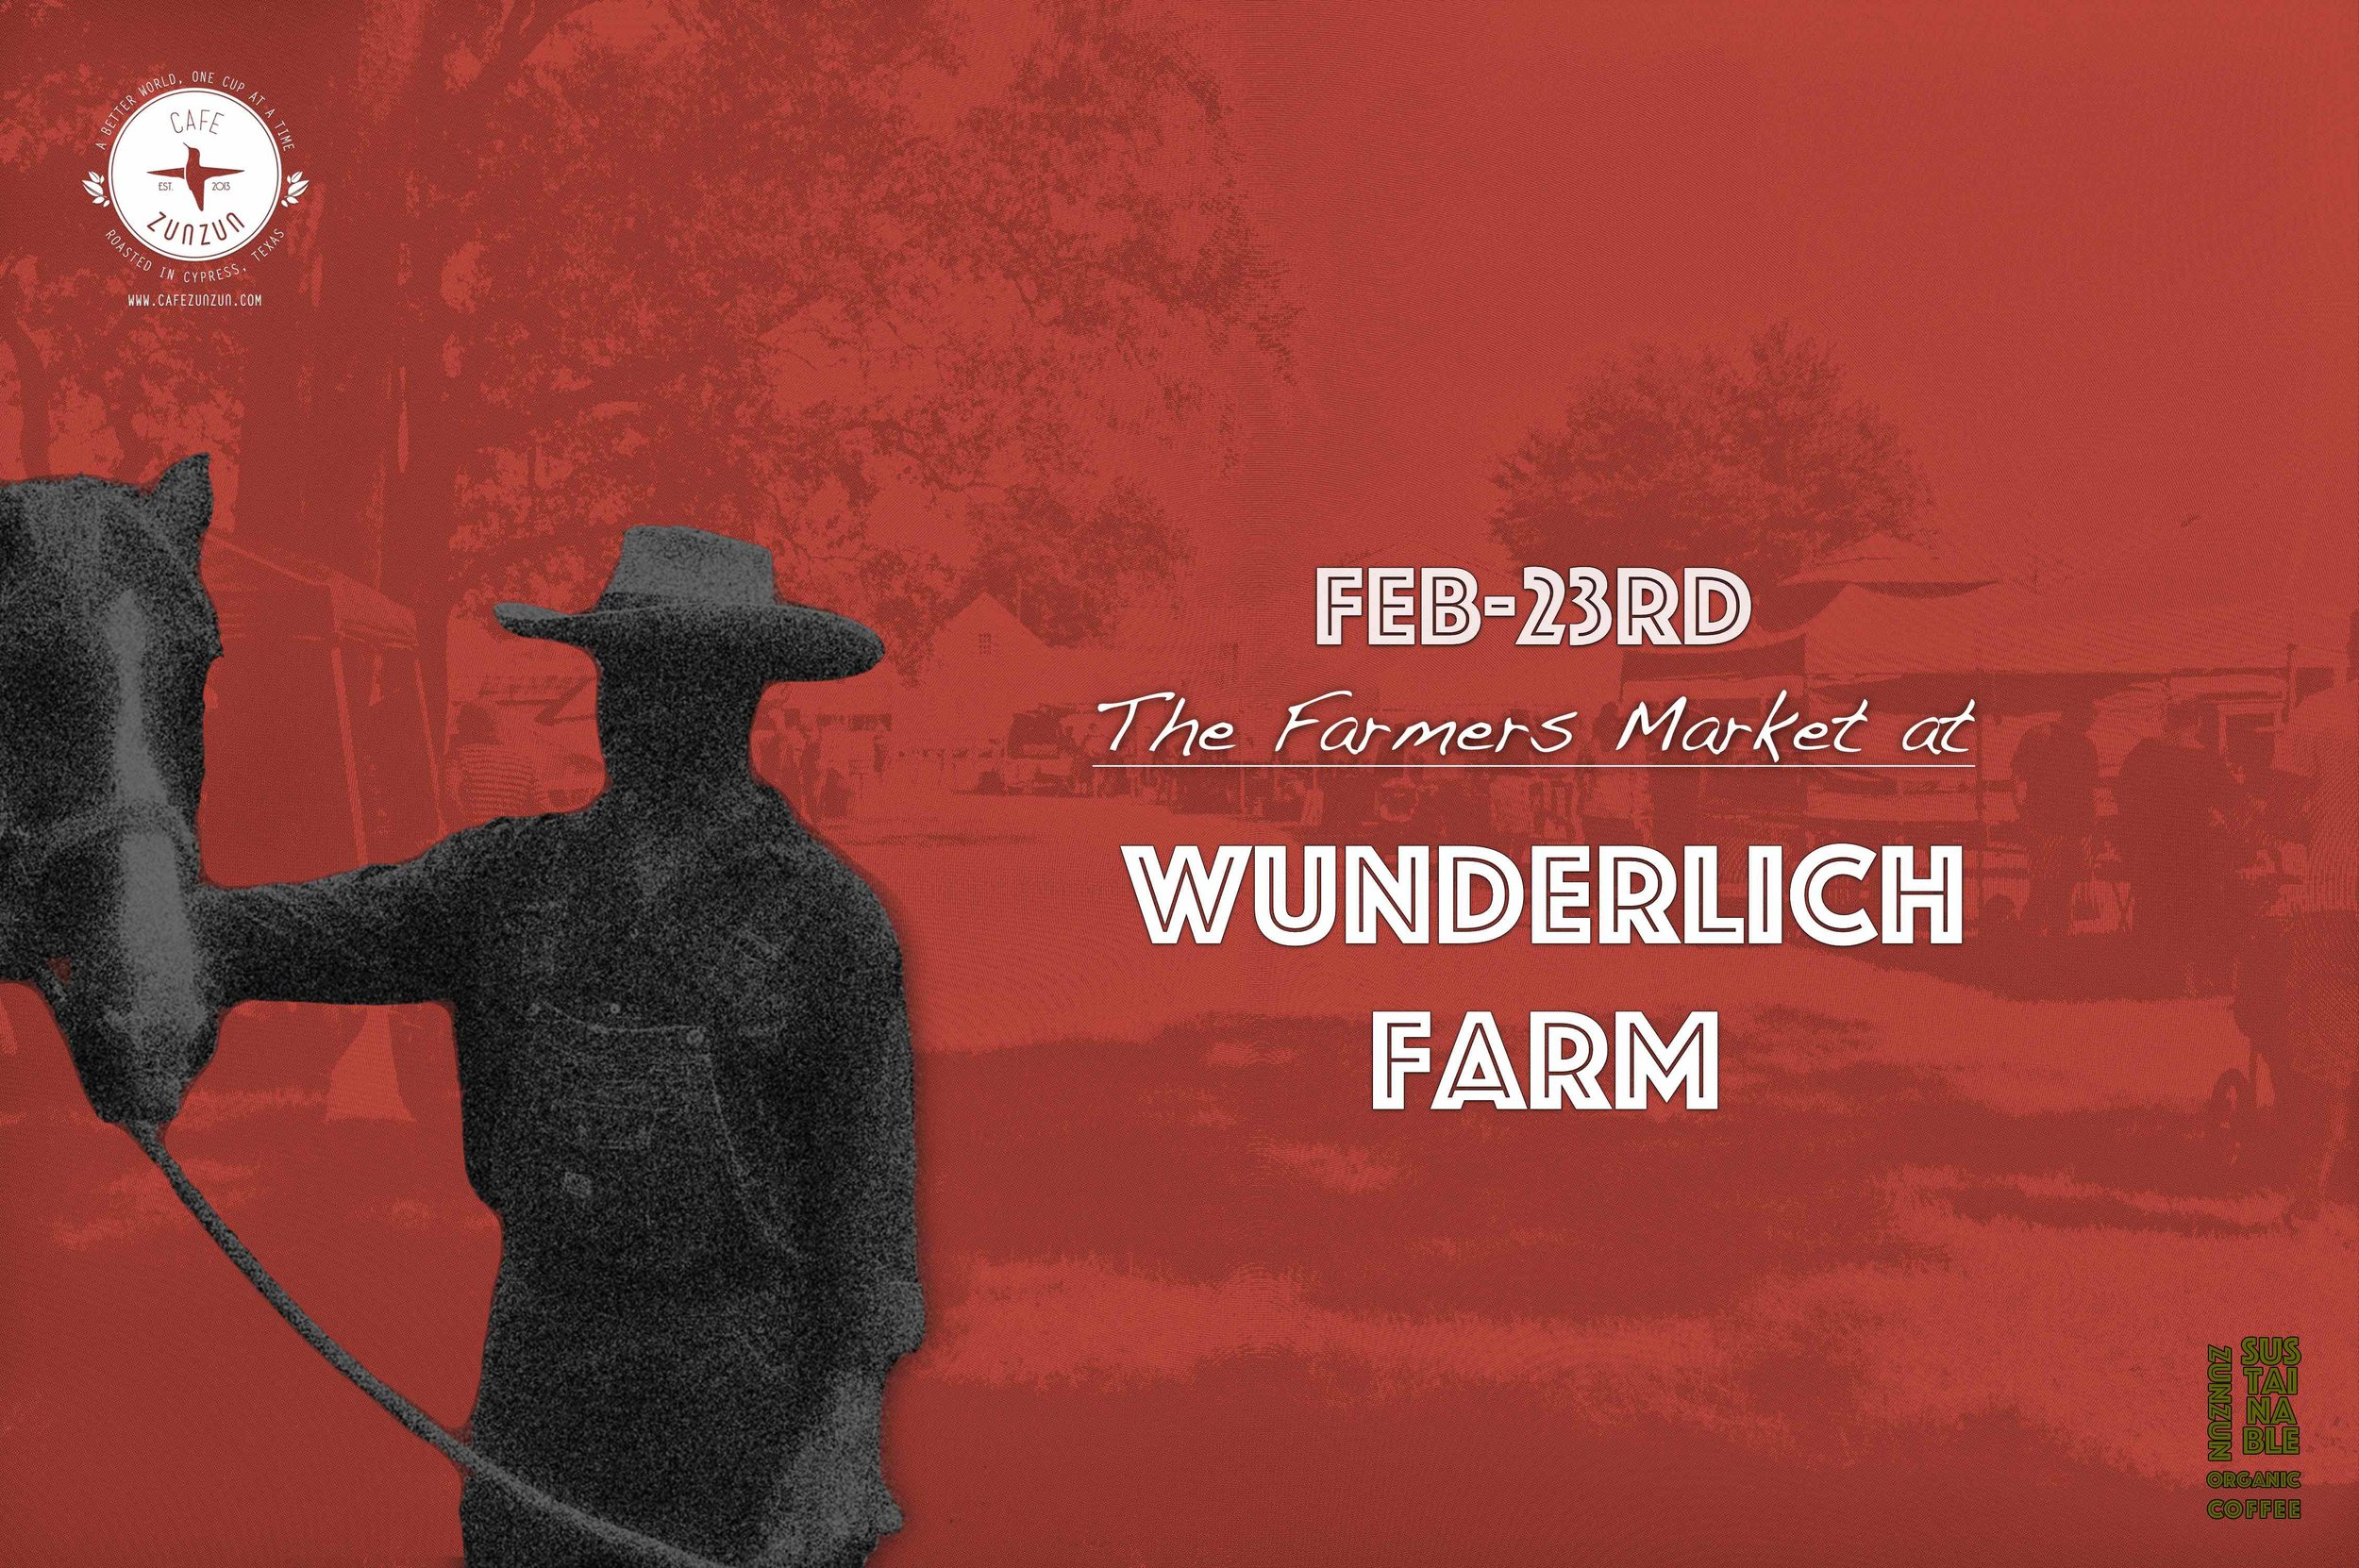 WUNDERLICH FARMS FBR-23TH:19.jpg